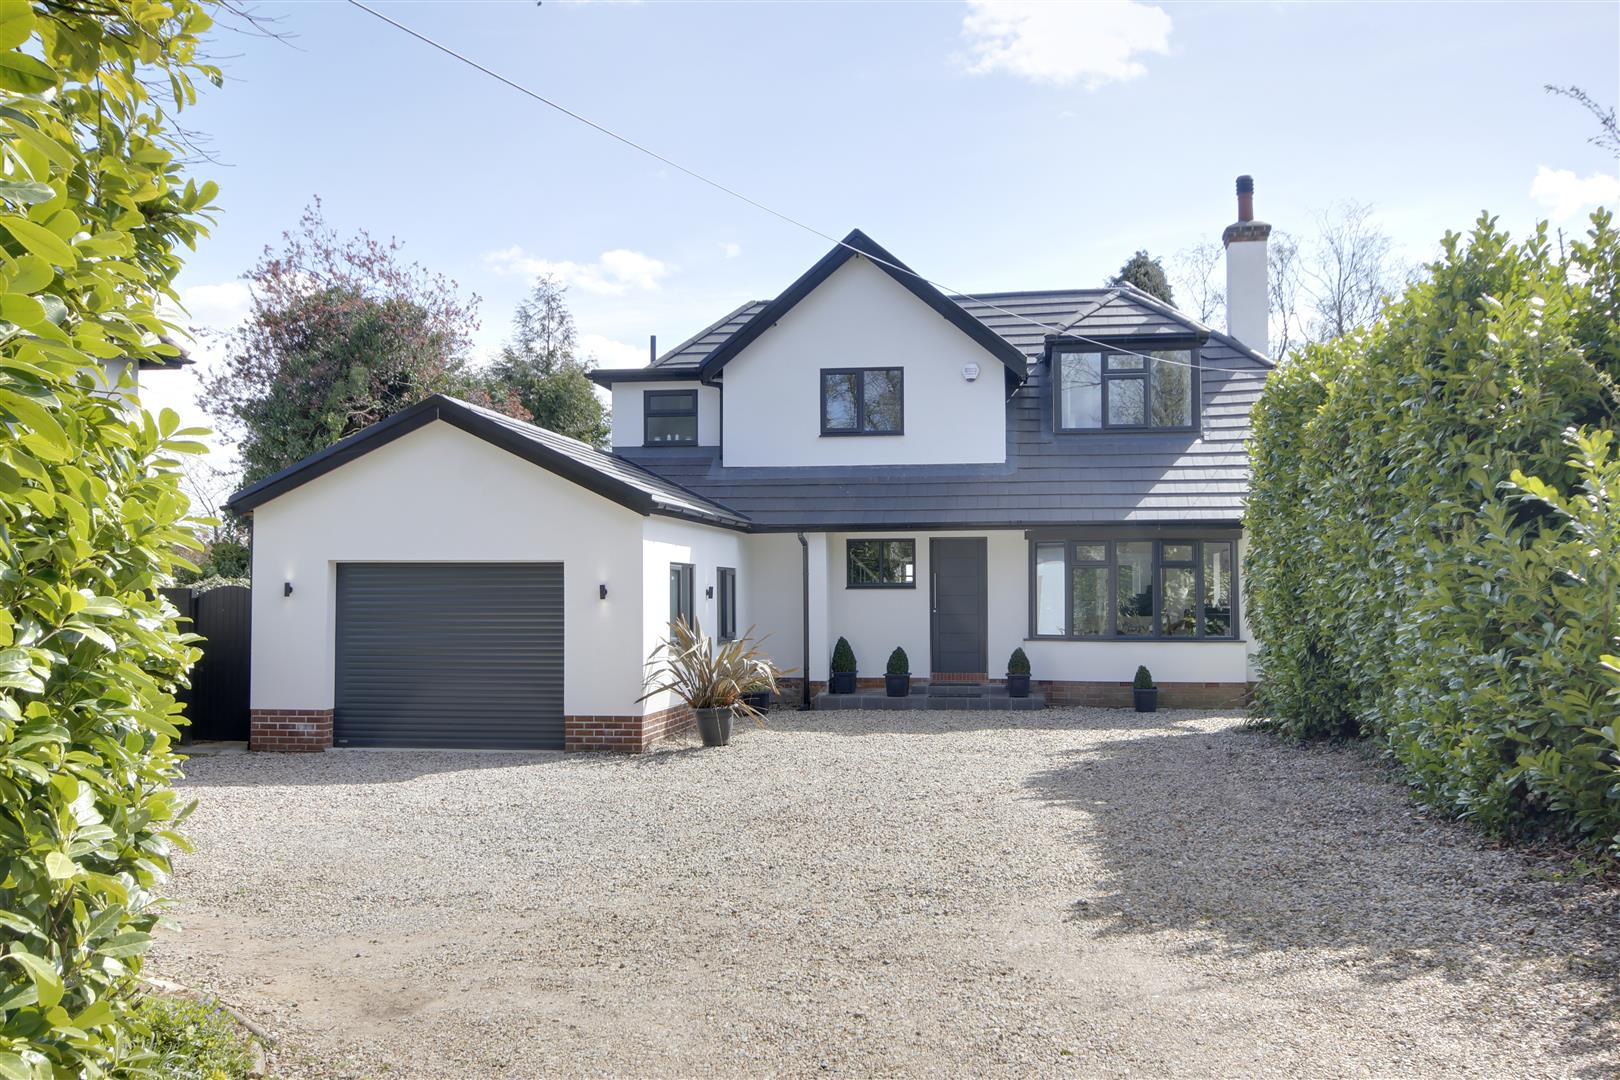 Wayside Cottage, Tranby Lane, Swanland, Wayside Cottage,, HU14 3NB